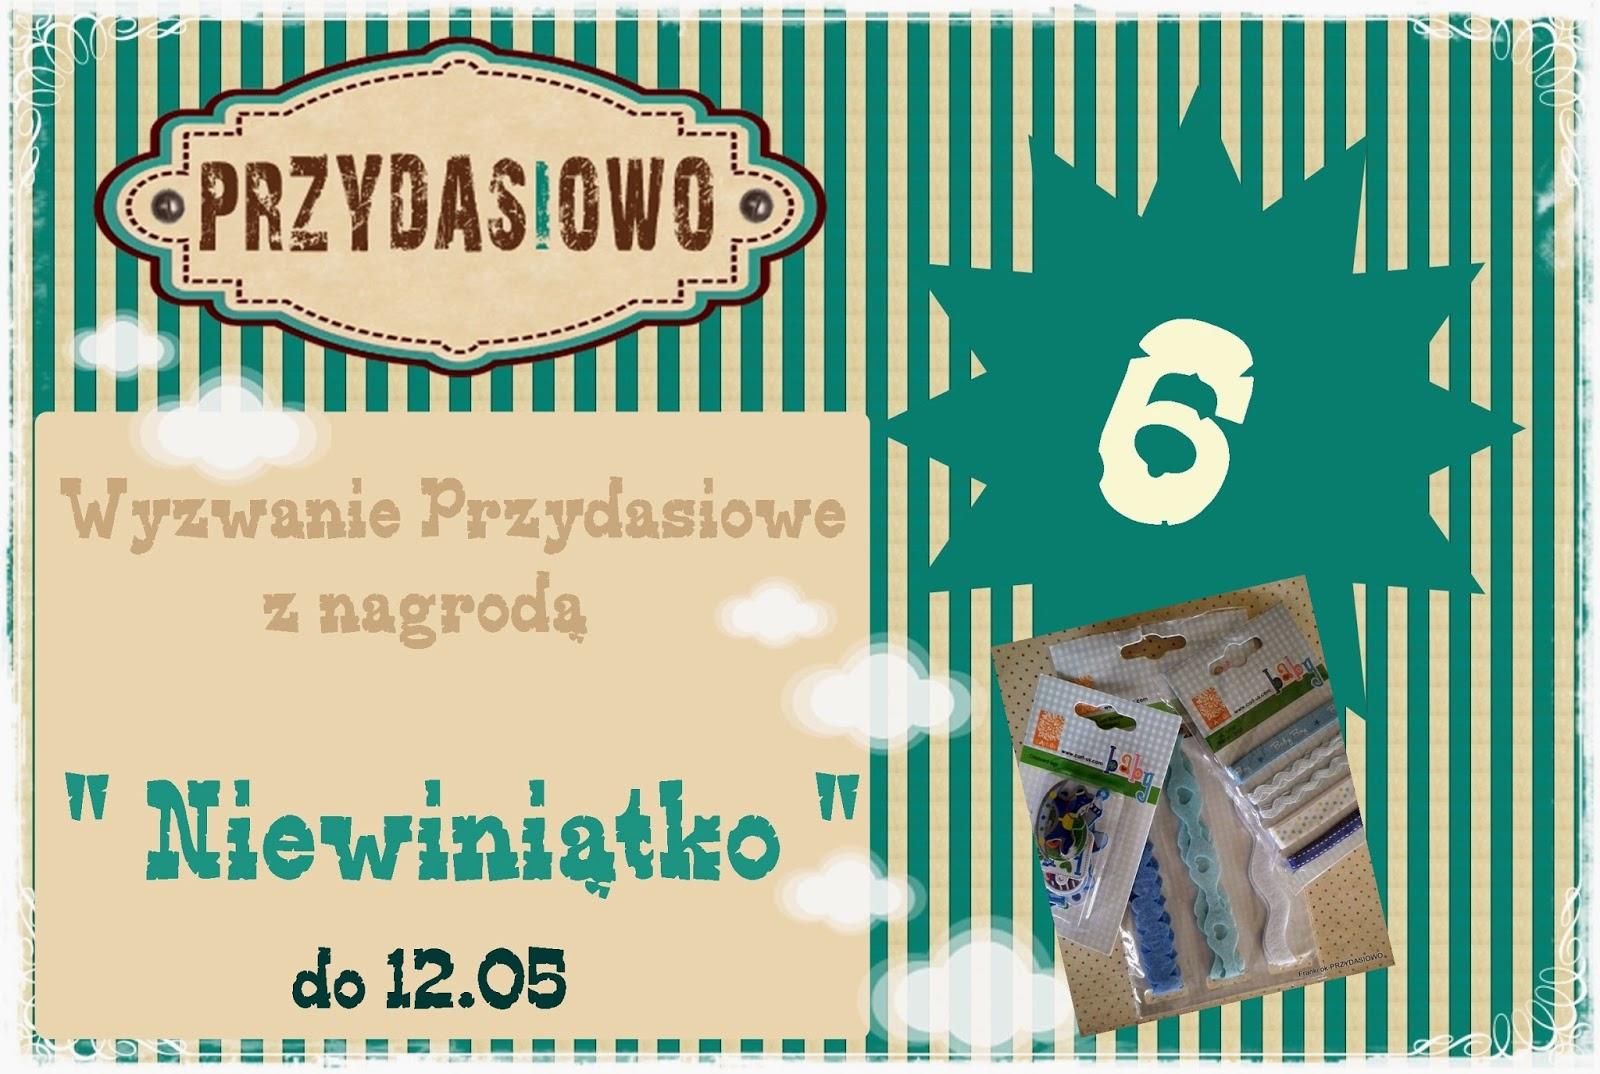 http://franki-przydasiowo.blogspot.com/2014/04/6-wyzwanie-przydasiowe-z-nagroda.html